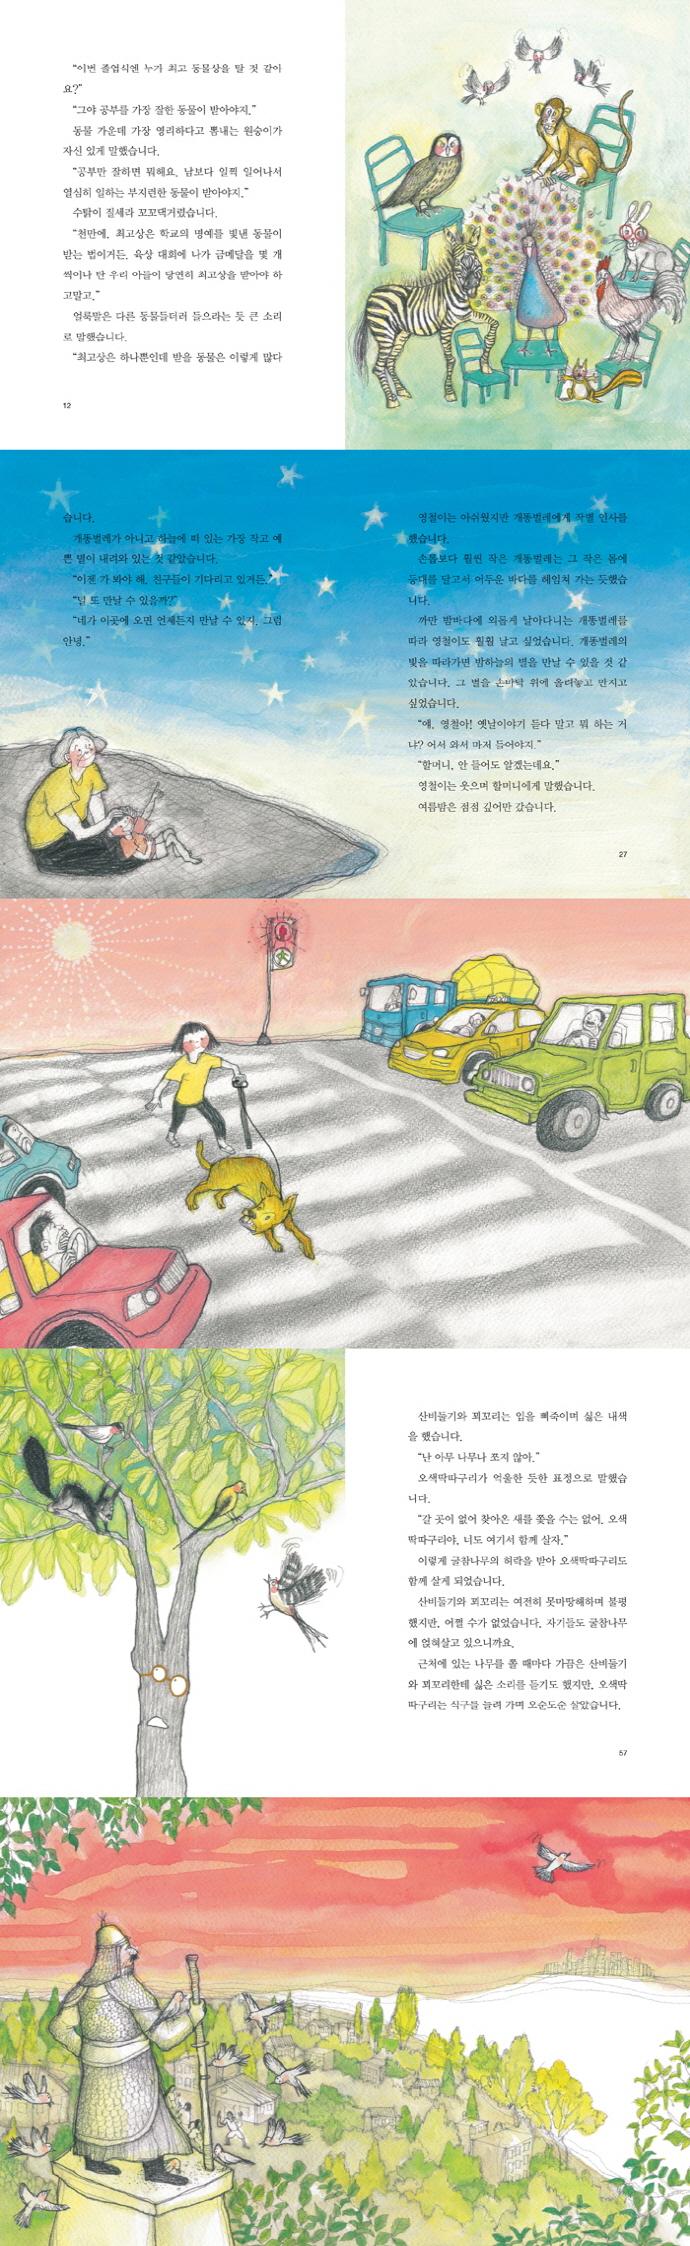 굴참나무와 오색딱따구리(사계절 저학년문고 3) 도서 상세이미지